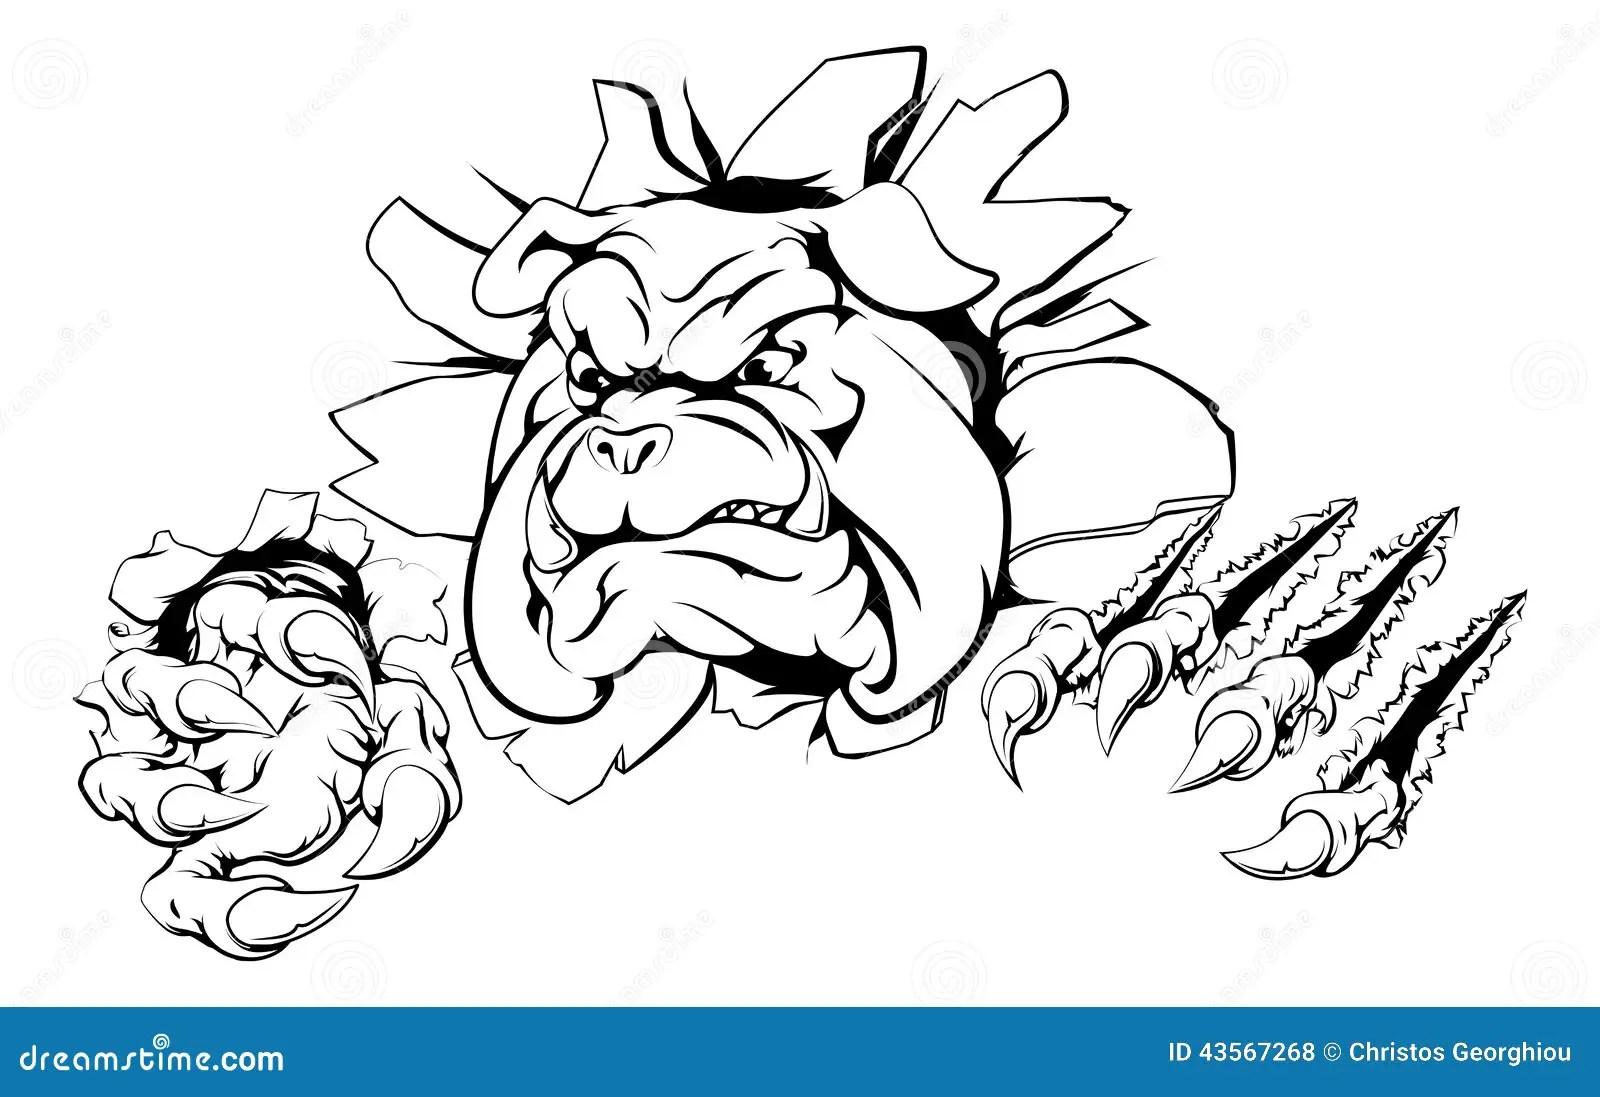 Bulldog Claw Breakthrough Stock Vector